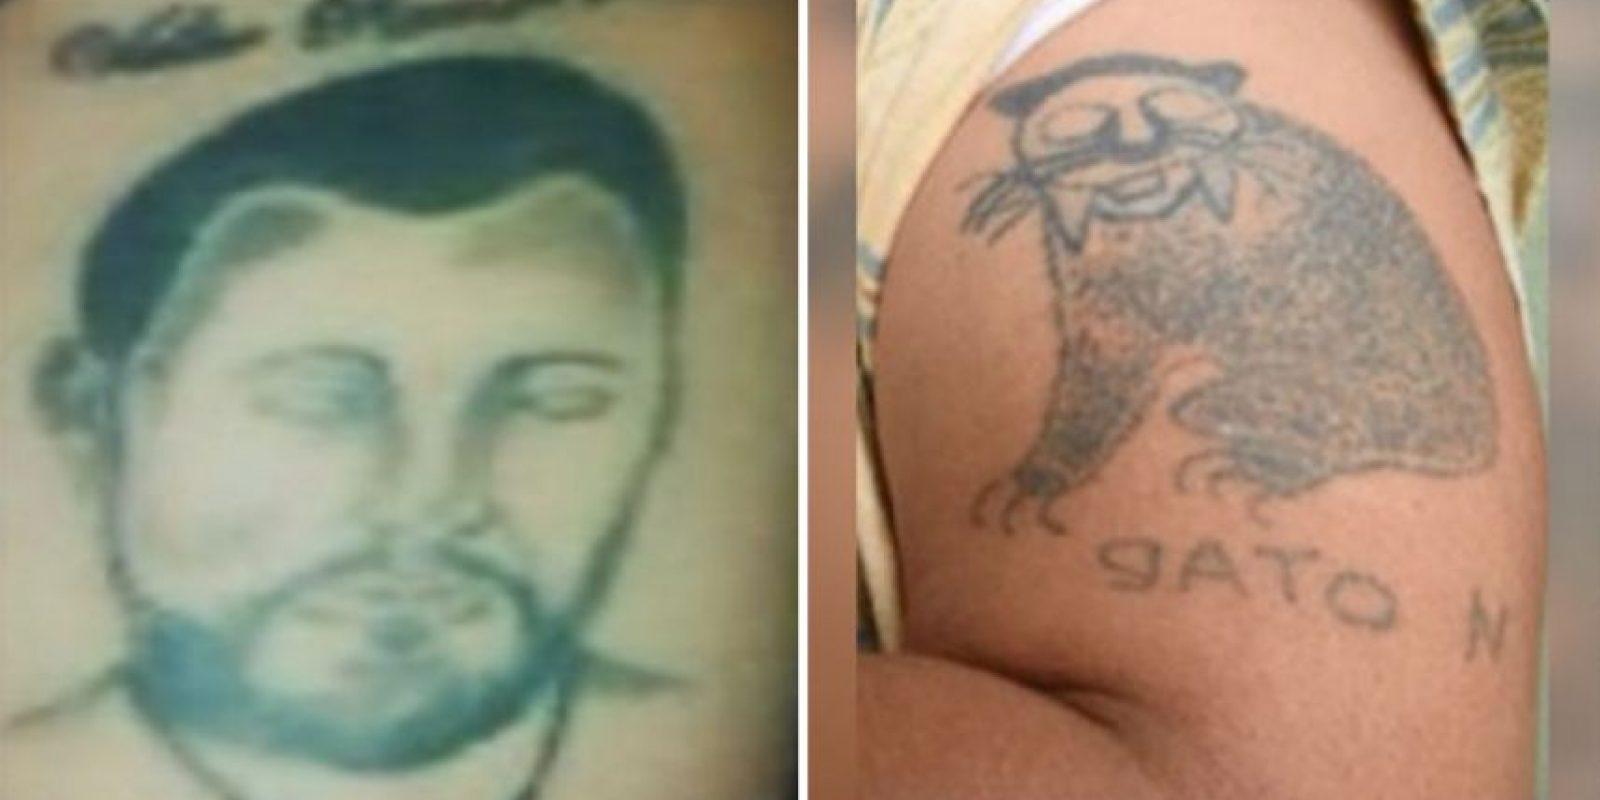 Los tatuajes de los narcos colombianos y su significado. Foto:Policía